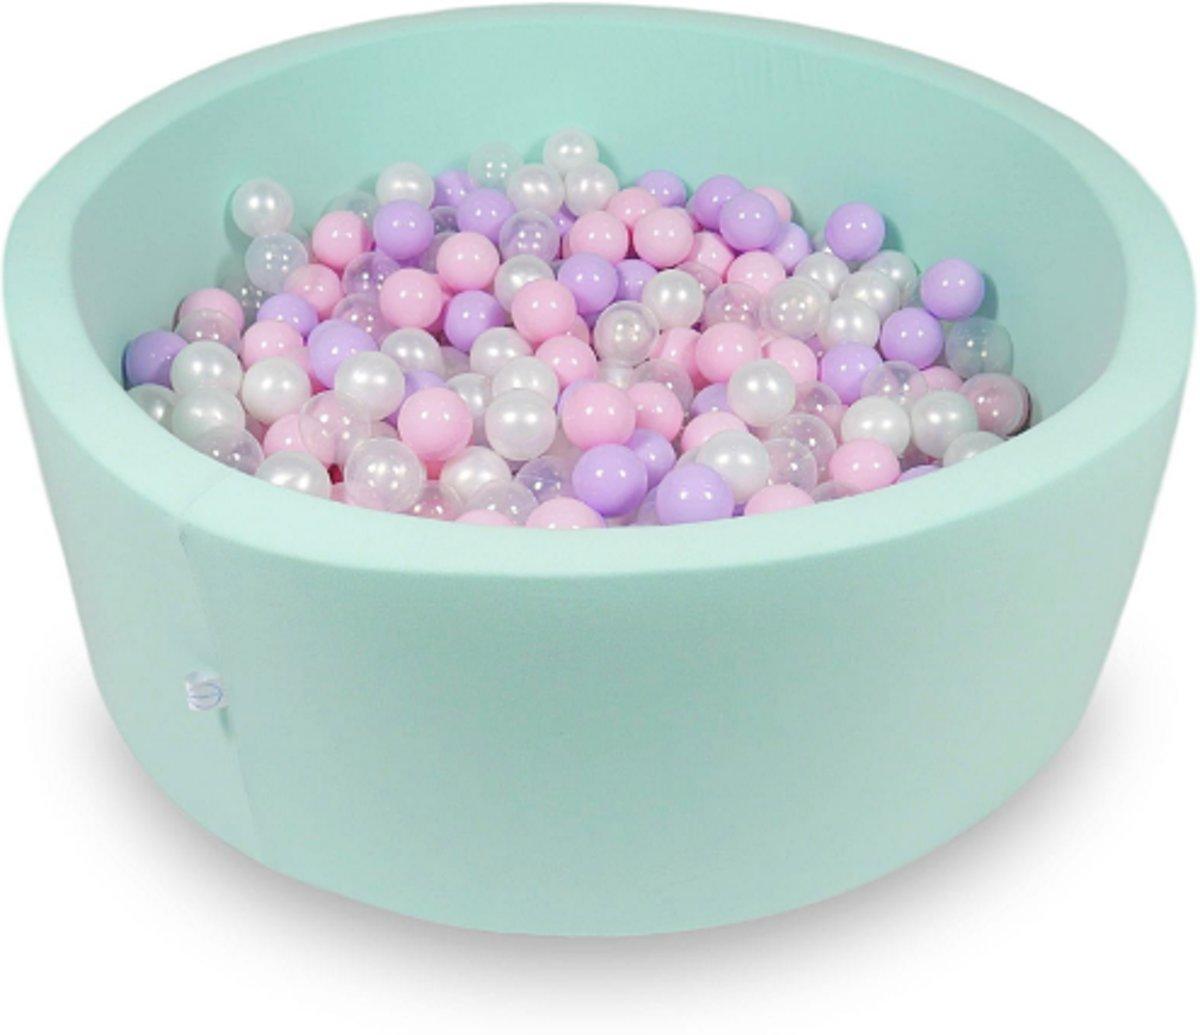 Ballenbak - 500 ballen - 115 x 40 cm - ballenbad - rond mint groen